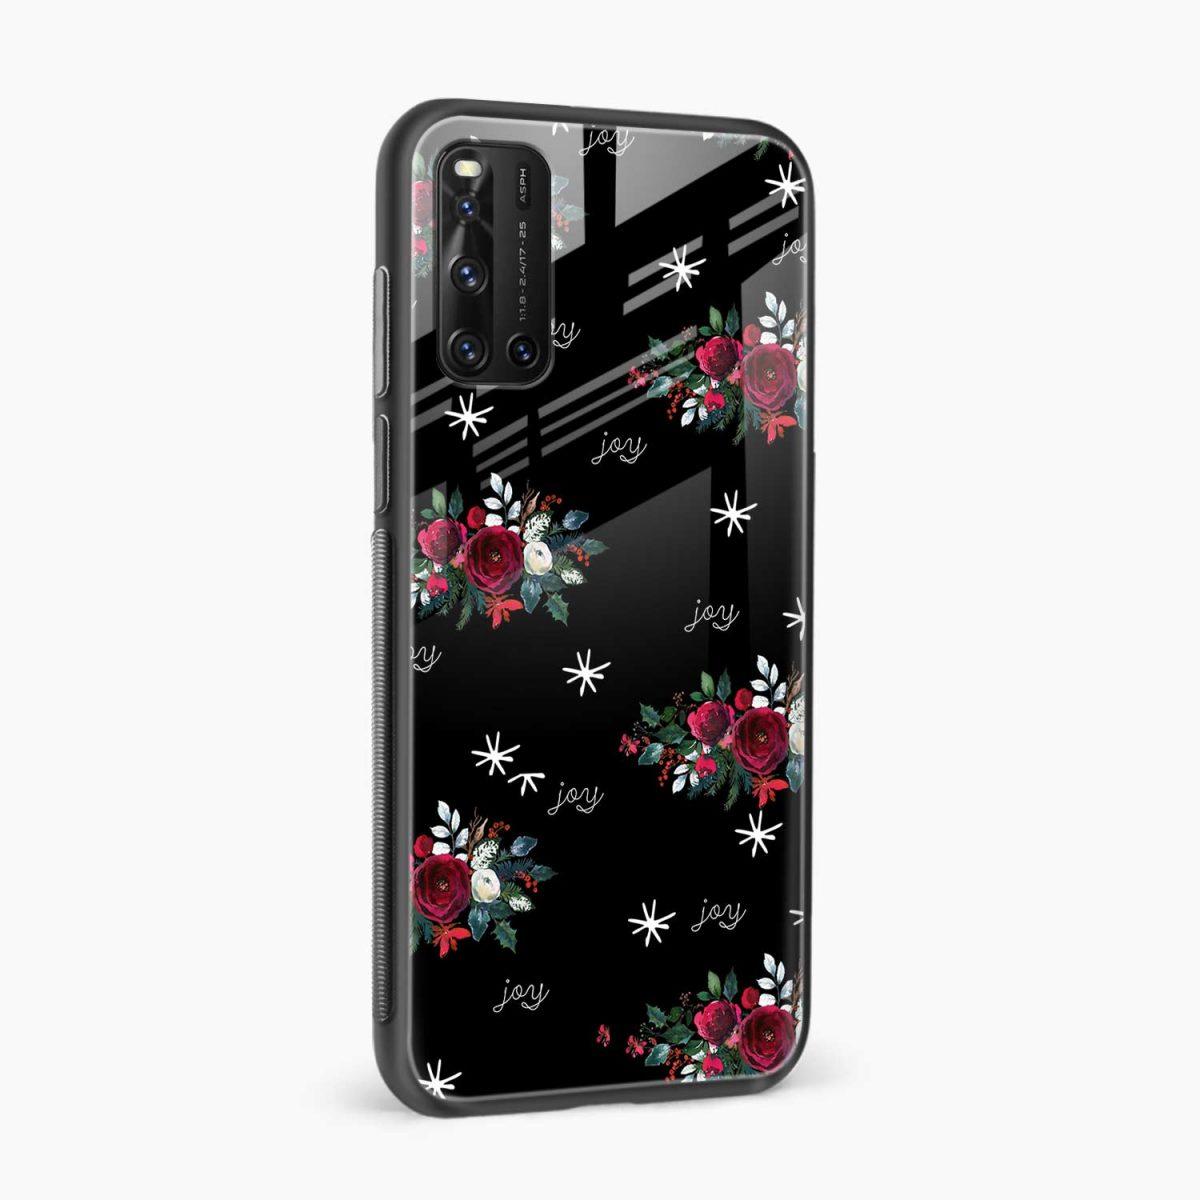 joy floral black colored side view vivo v19 back cover